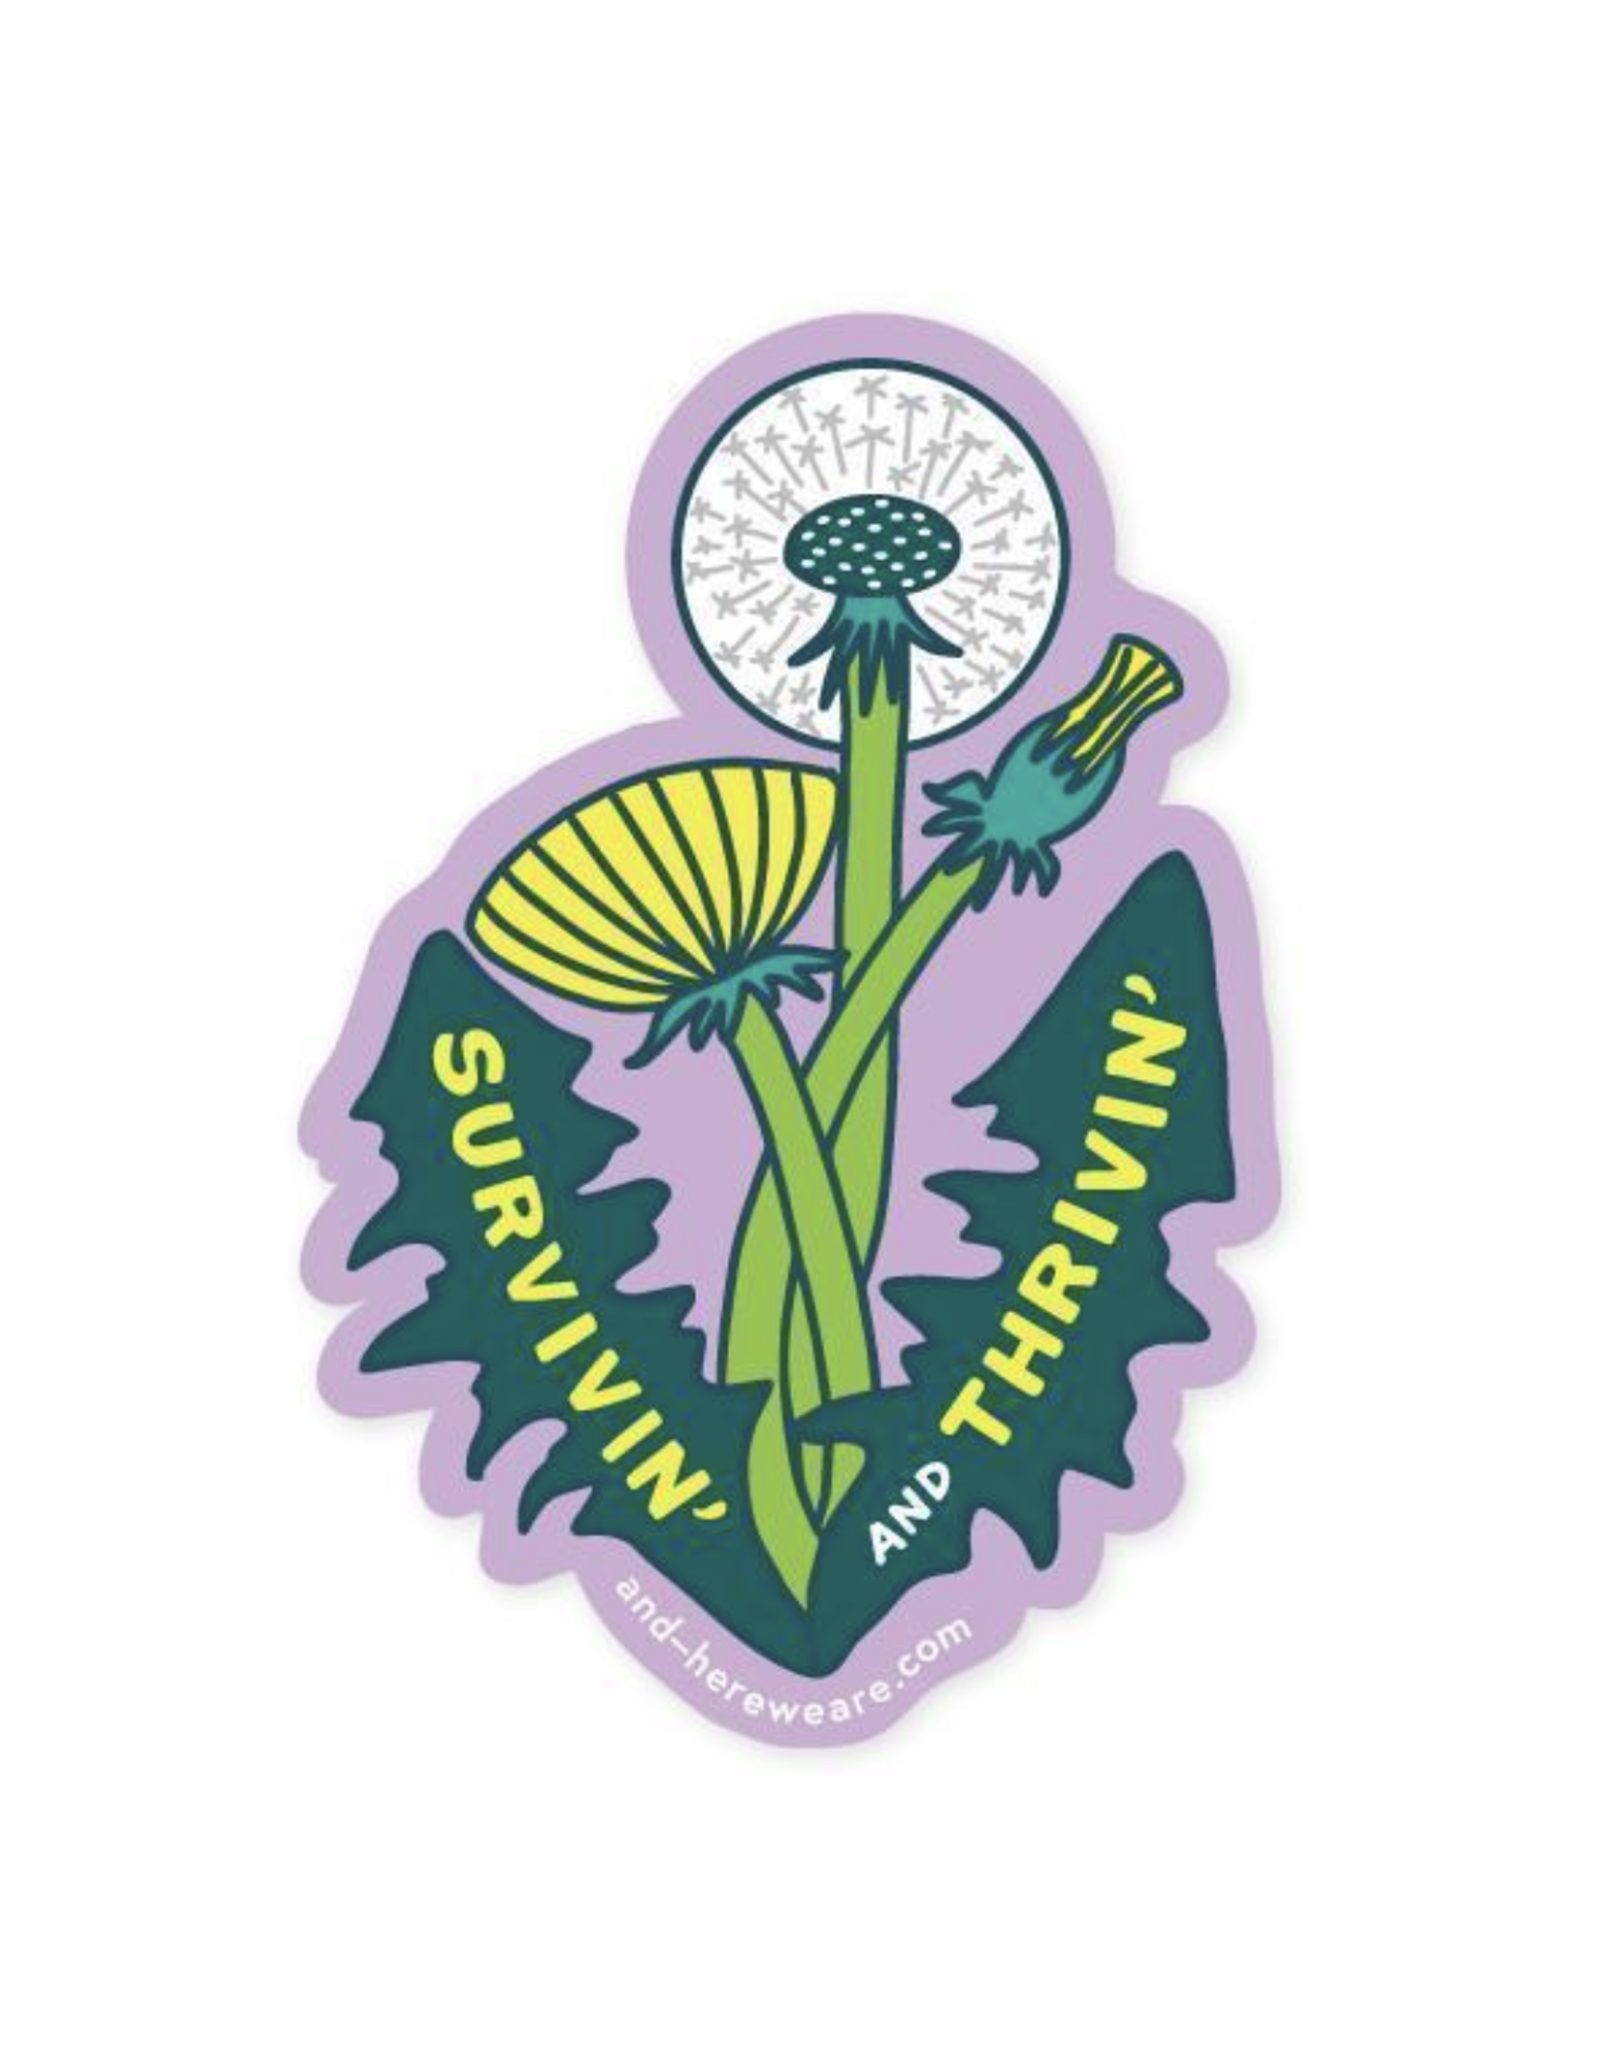 Survivin' and Thrivin' Dandelion Sticker